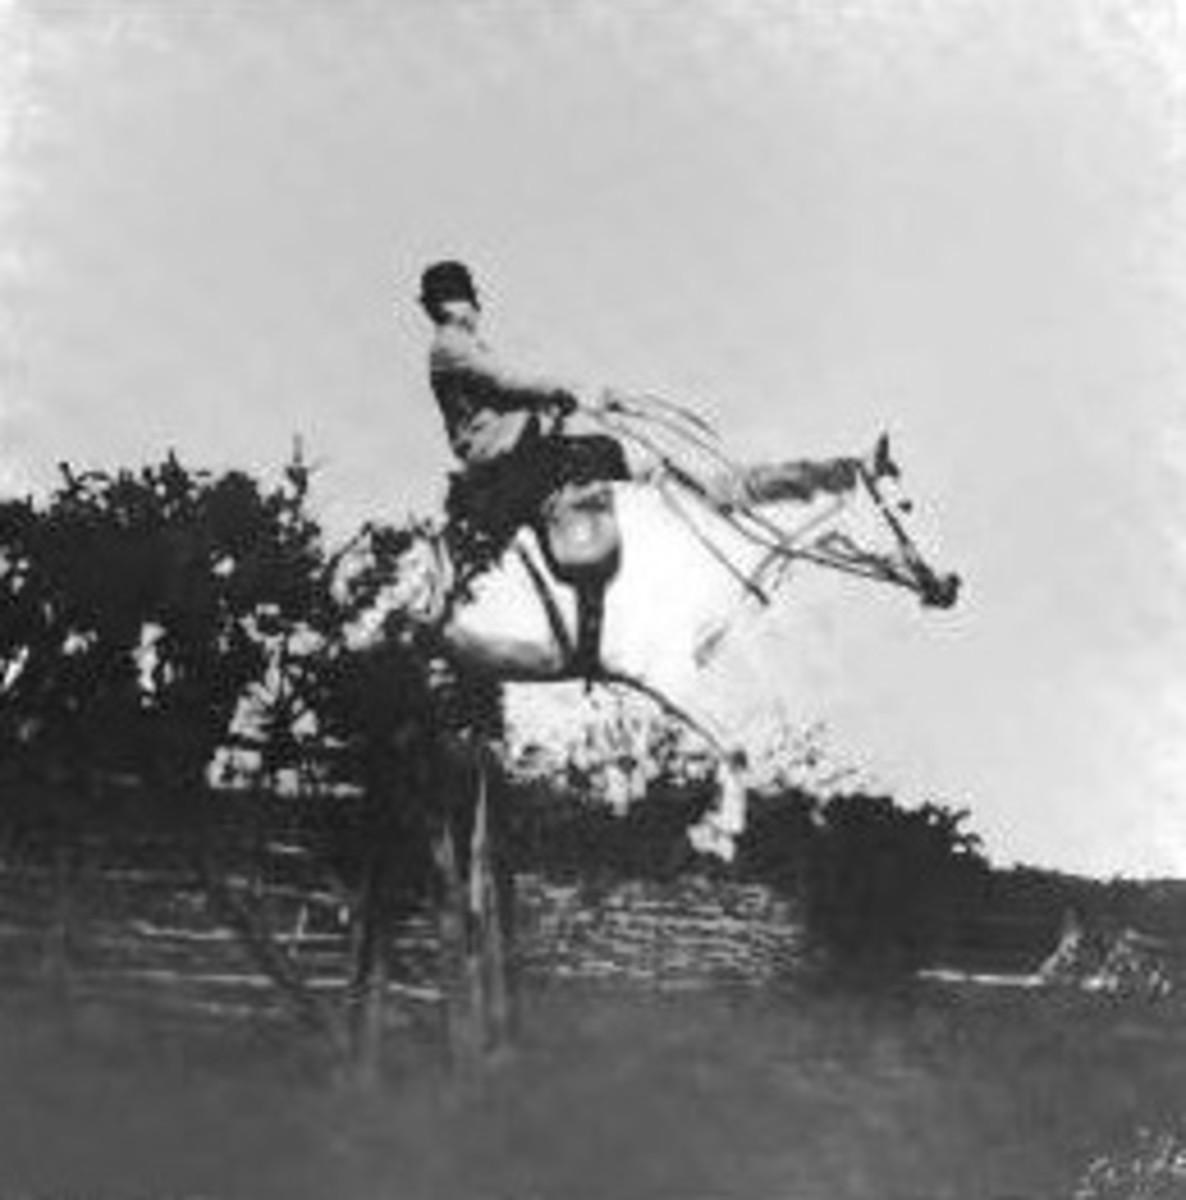 Man riding sidesaddle (1903) -- public domain image